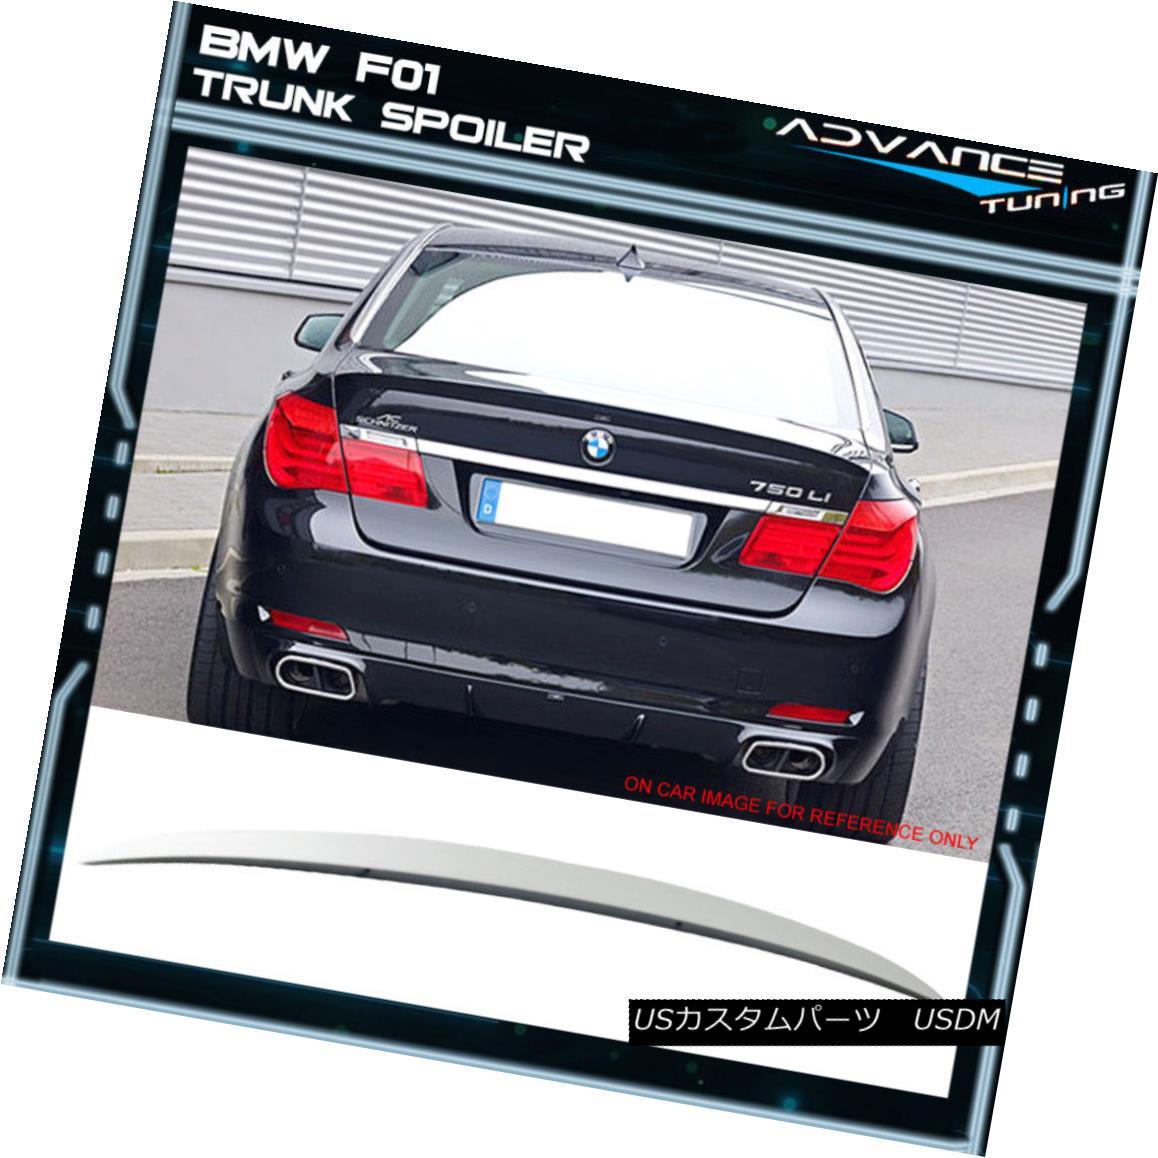 エアロパーツ 09-15 BMW F01 7 Series AC Style Painted #300 Alpine White III Trunk Spoiler ABS 09-15 BMW F01 7シリーズAC塗装#300アルパインホワイトIIIトランクスポイラーABS